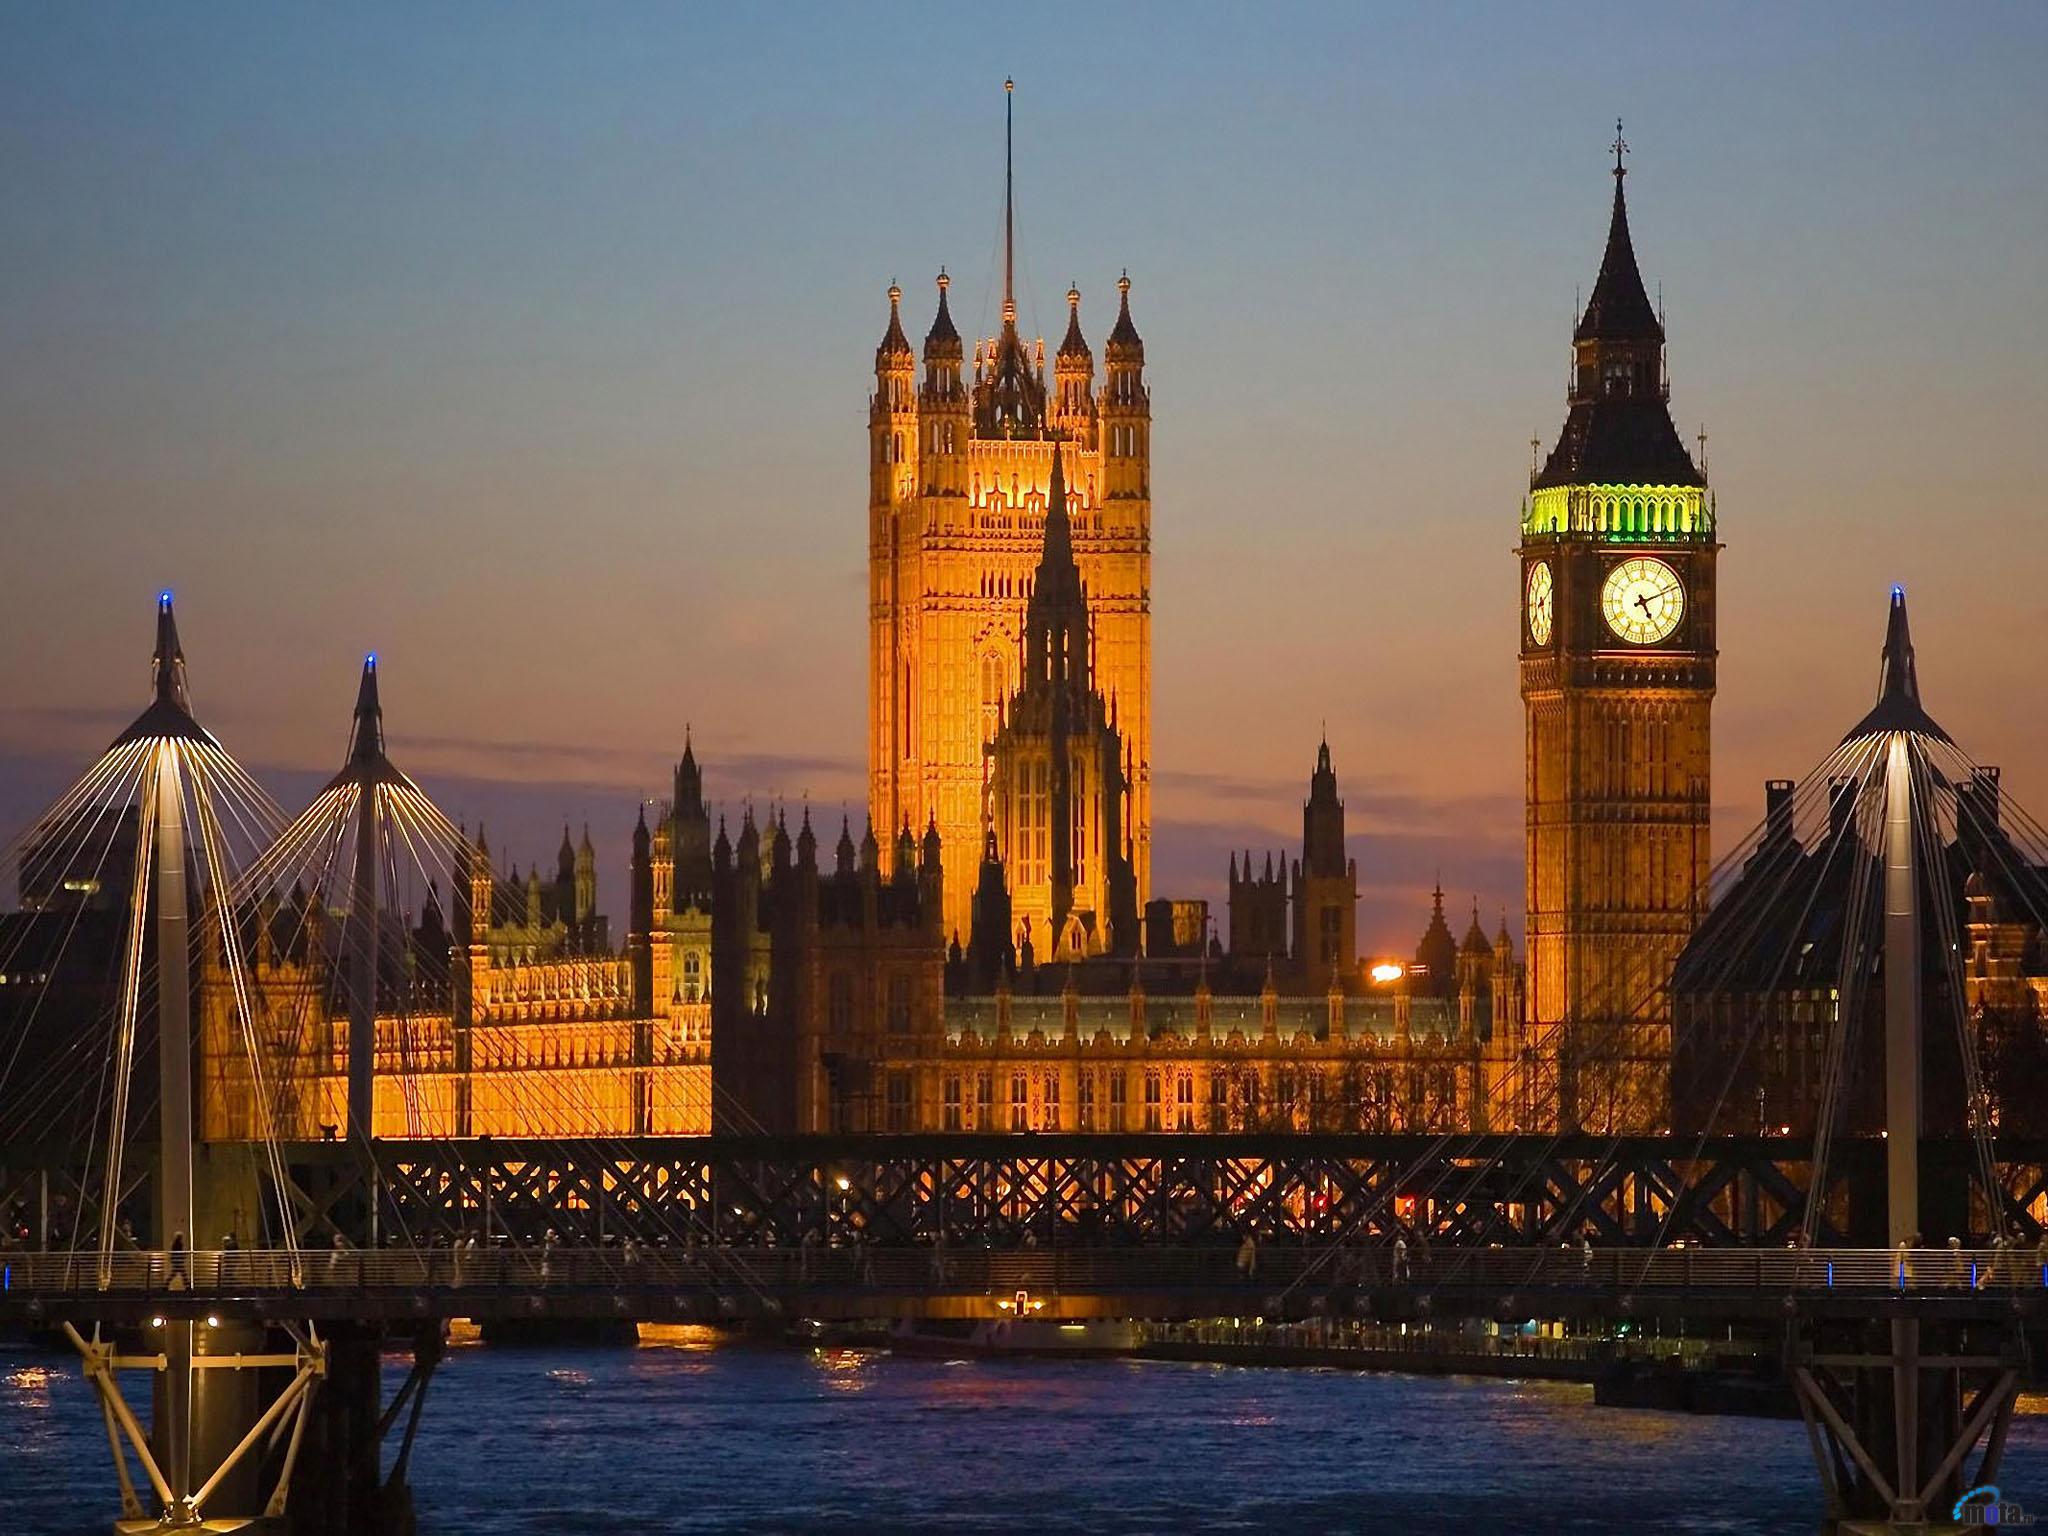 страны архитектура Лондон Англия  № 573754 бесплатно